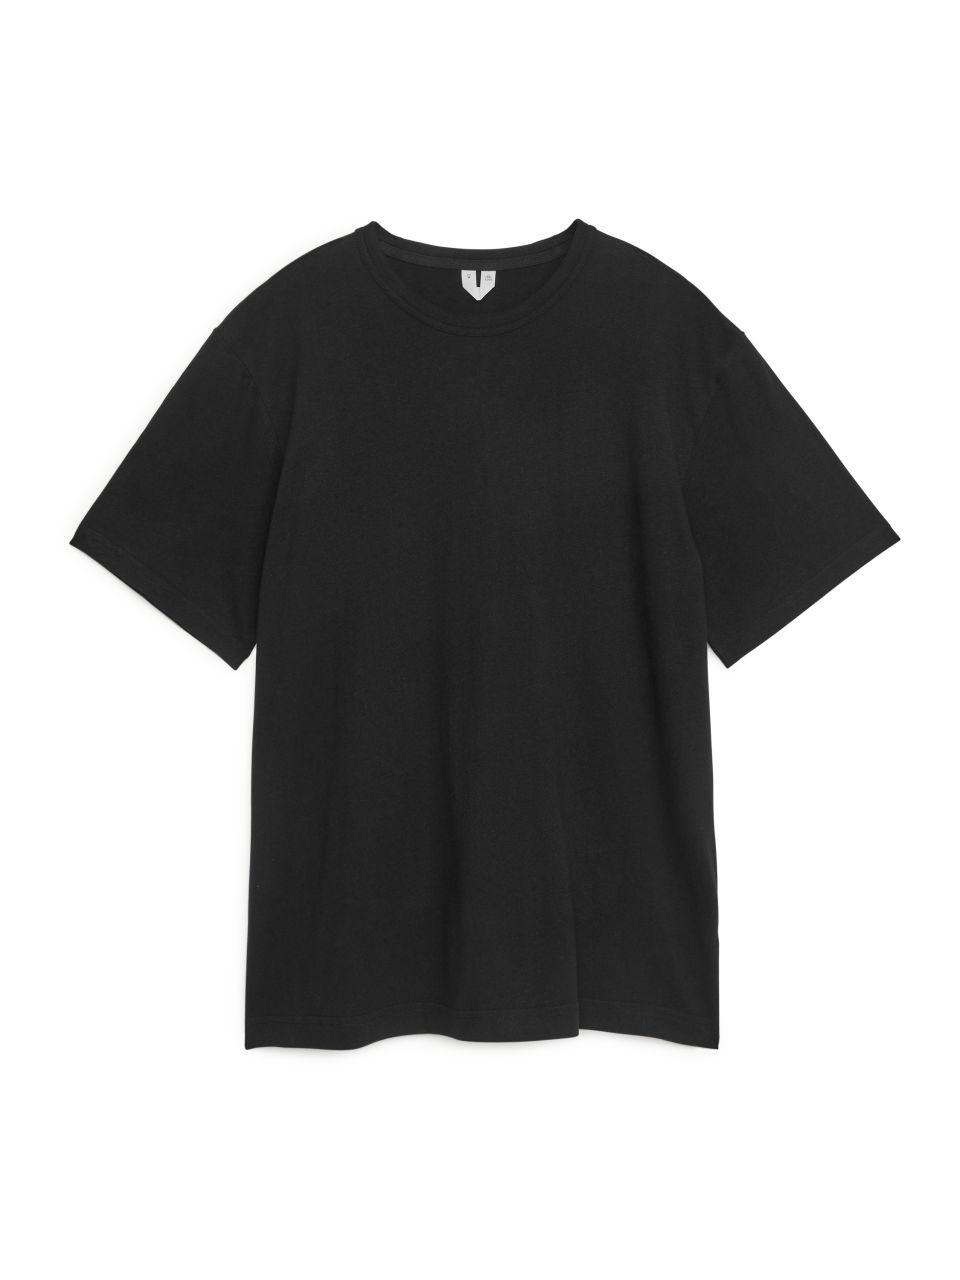 Cotton Linen T-Shirt - Black